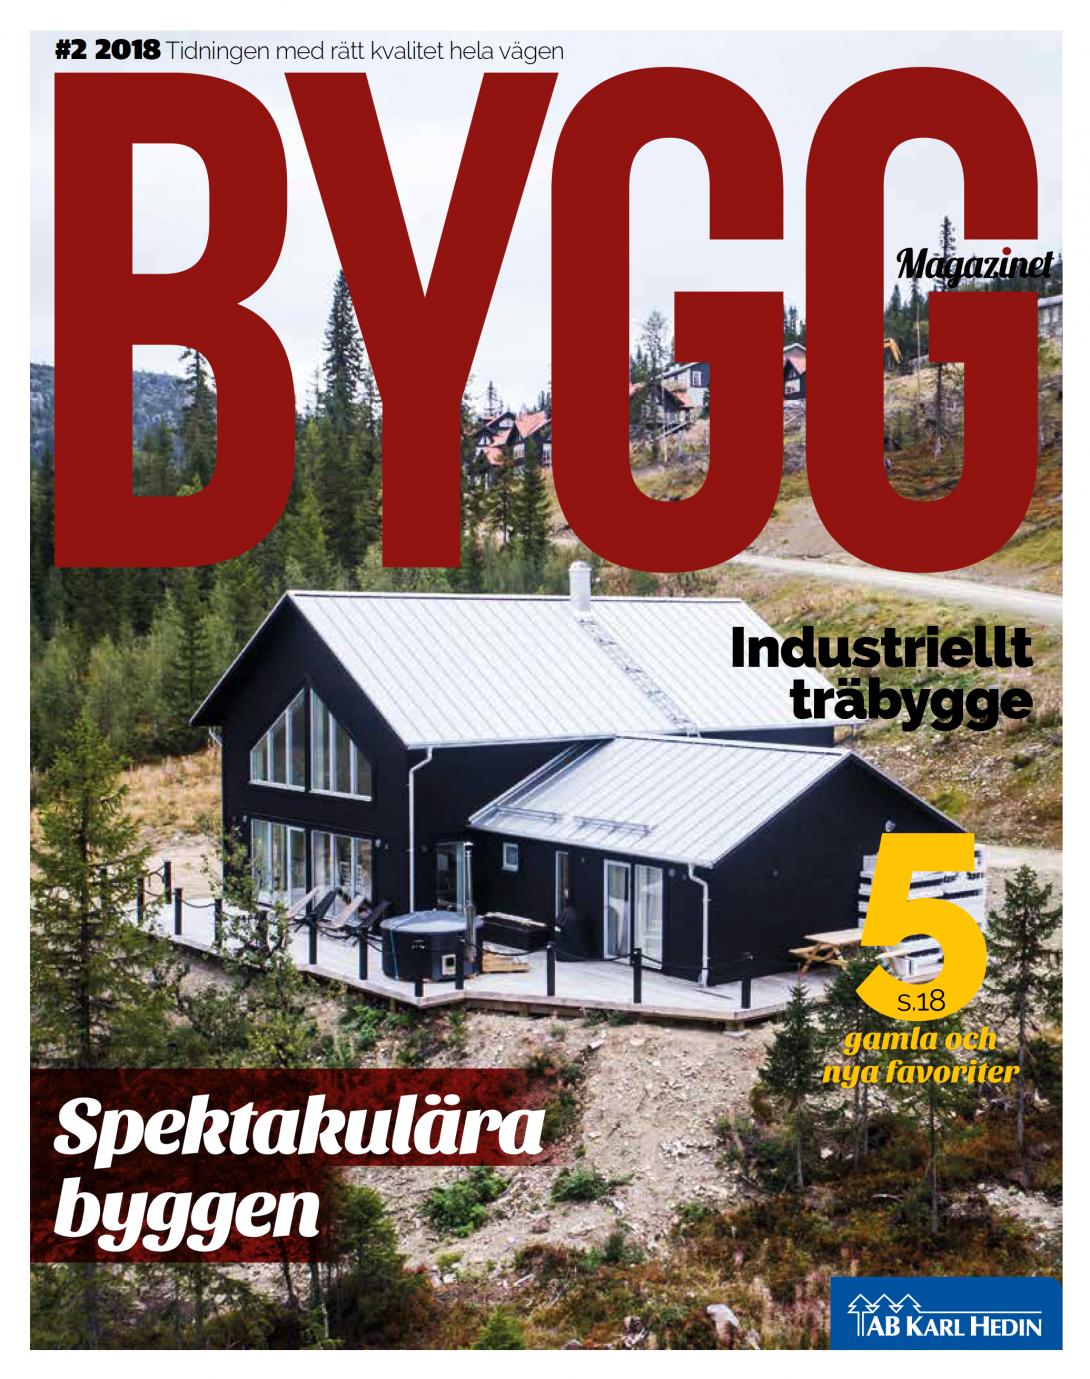 Byggmagazinet #2 2018